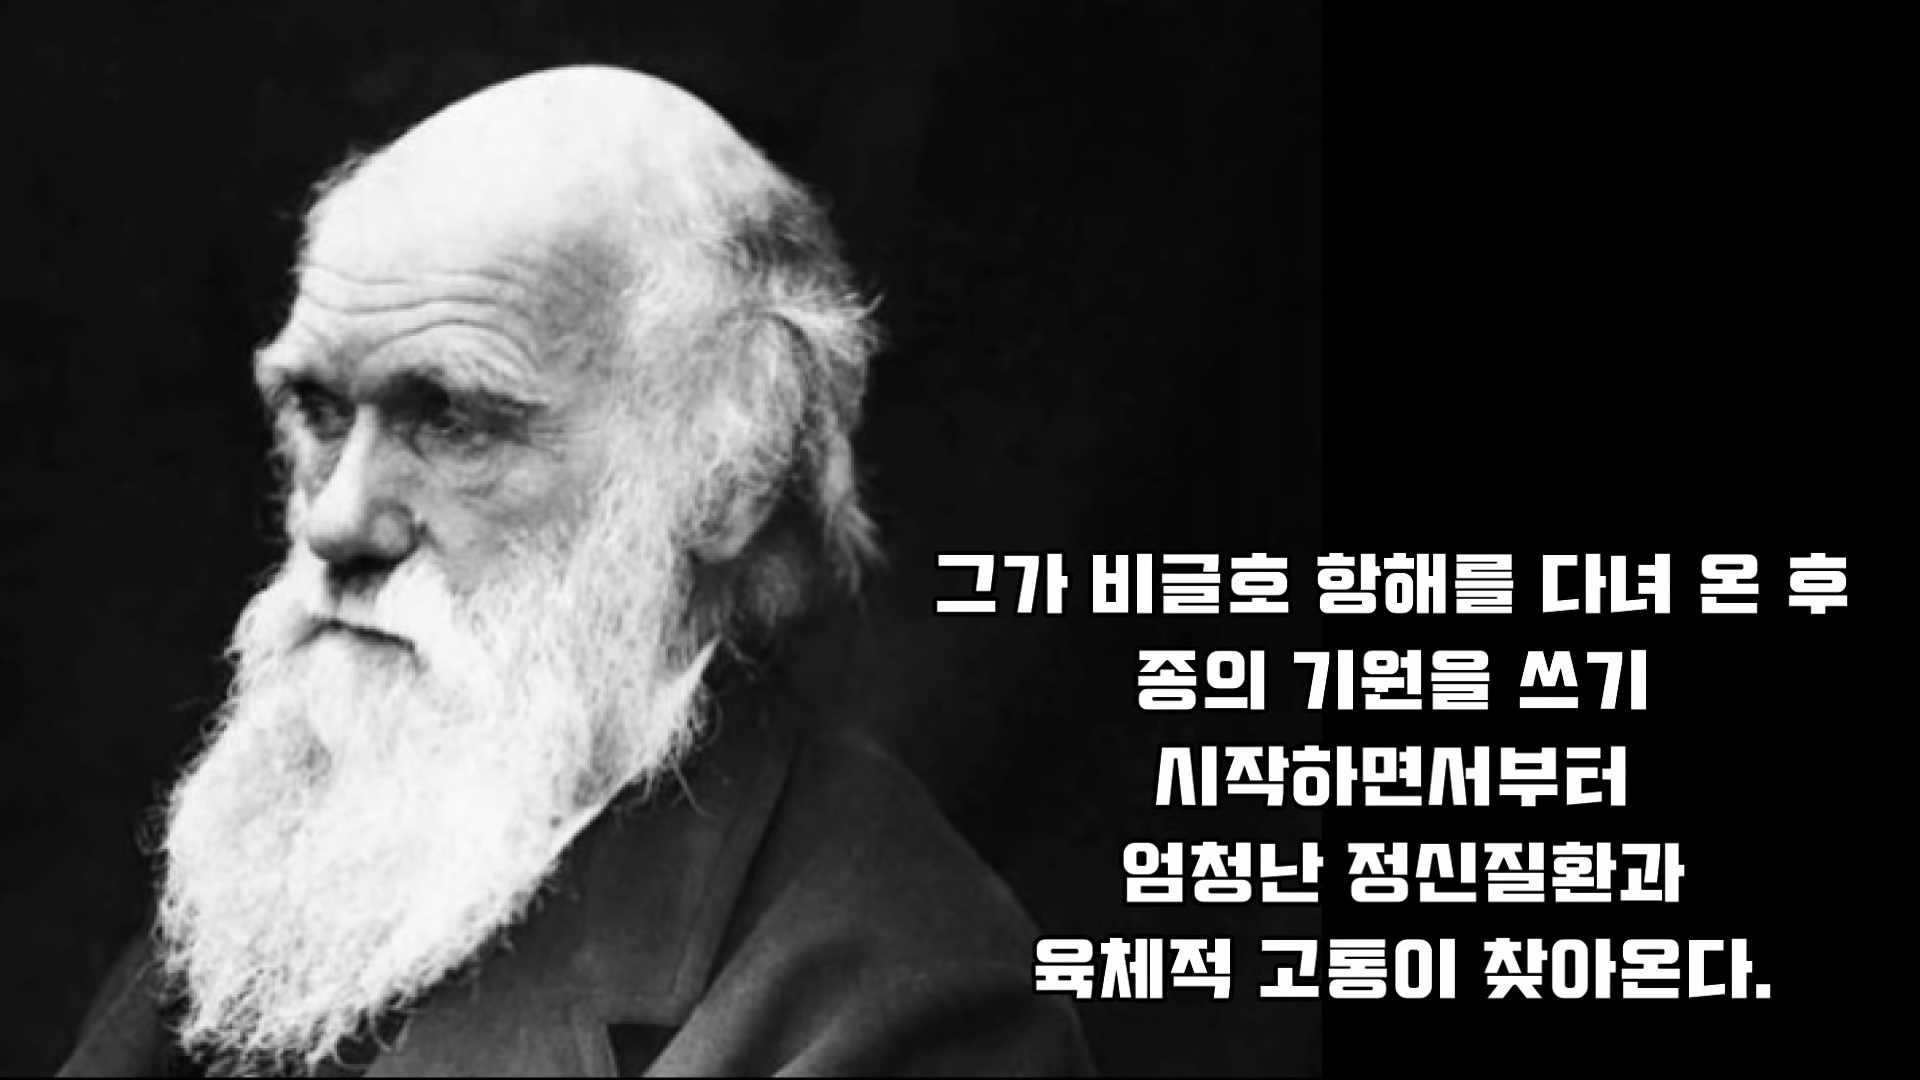 찰스 다윈의 인생과 그의 정신병.mp4_000381837.jpg